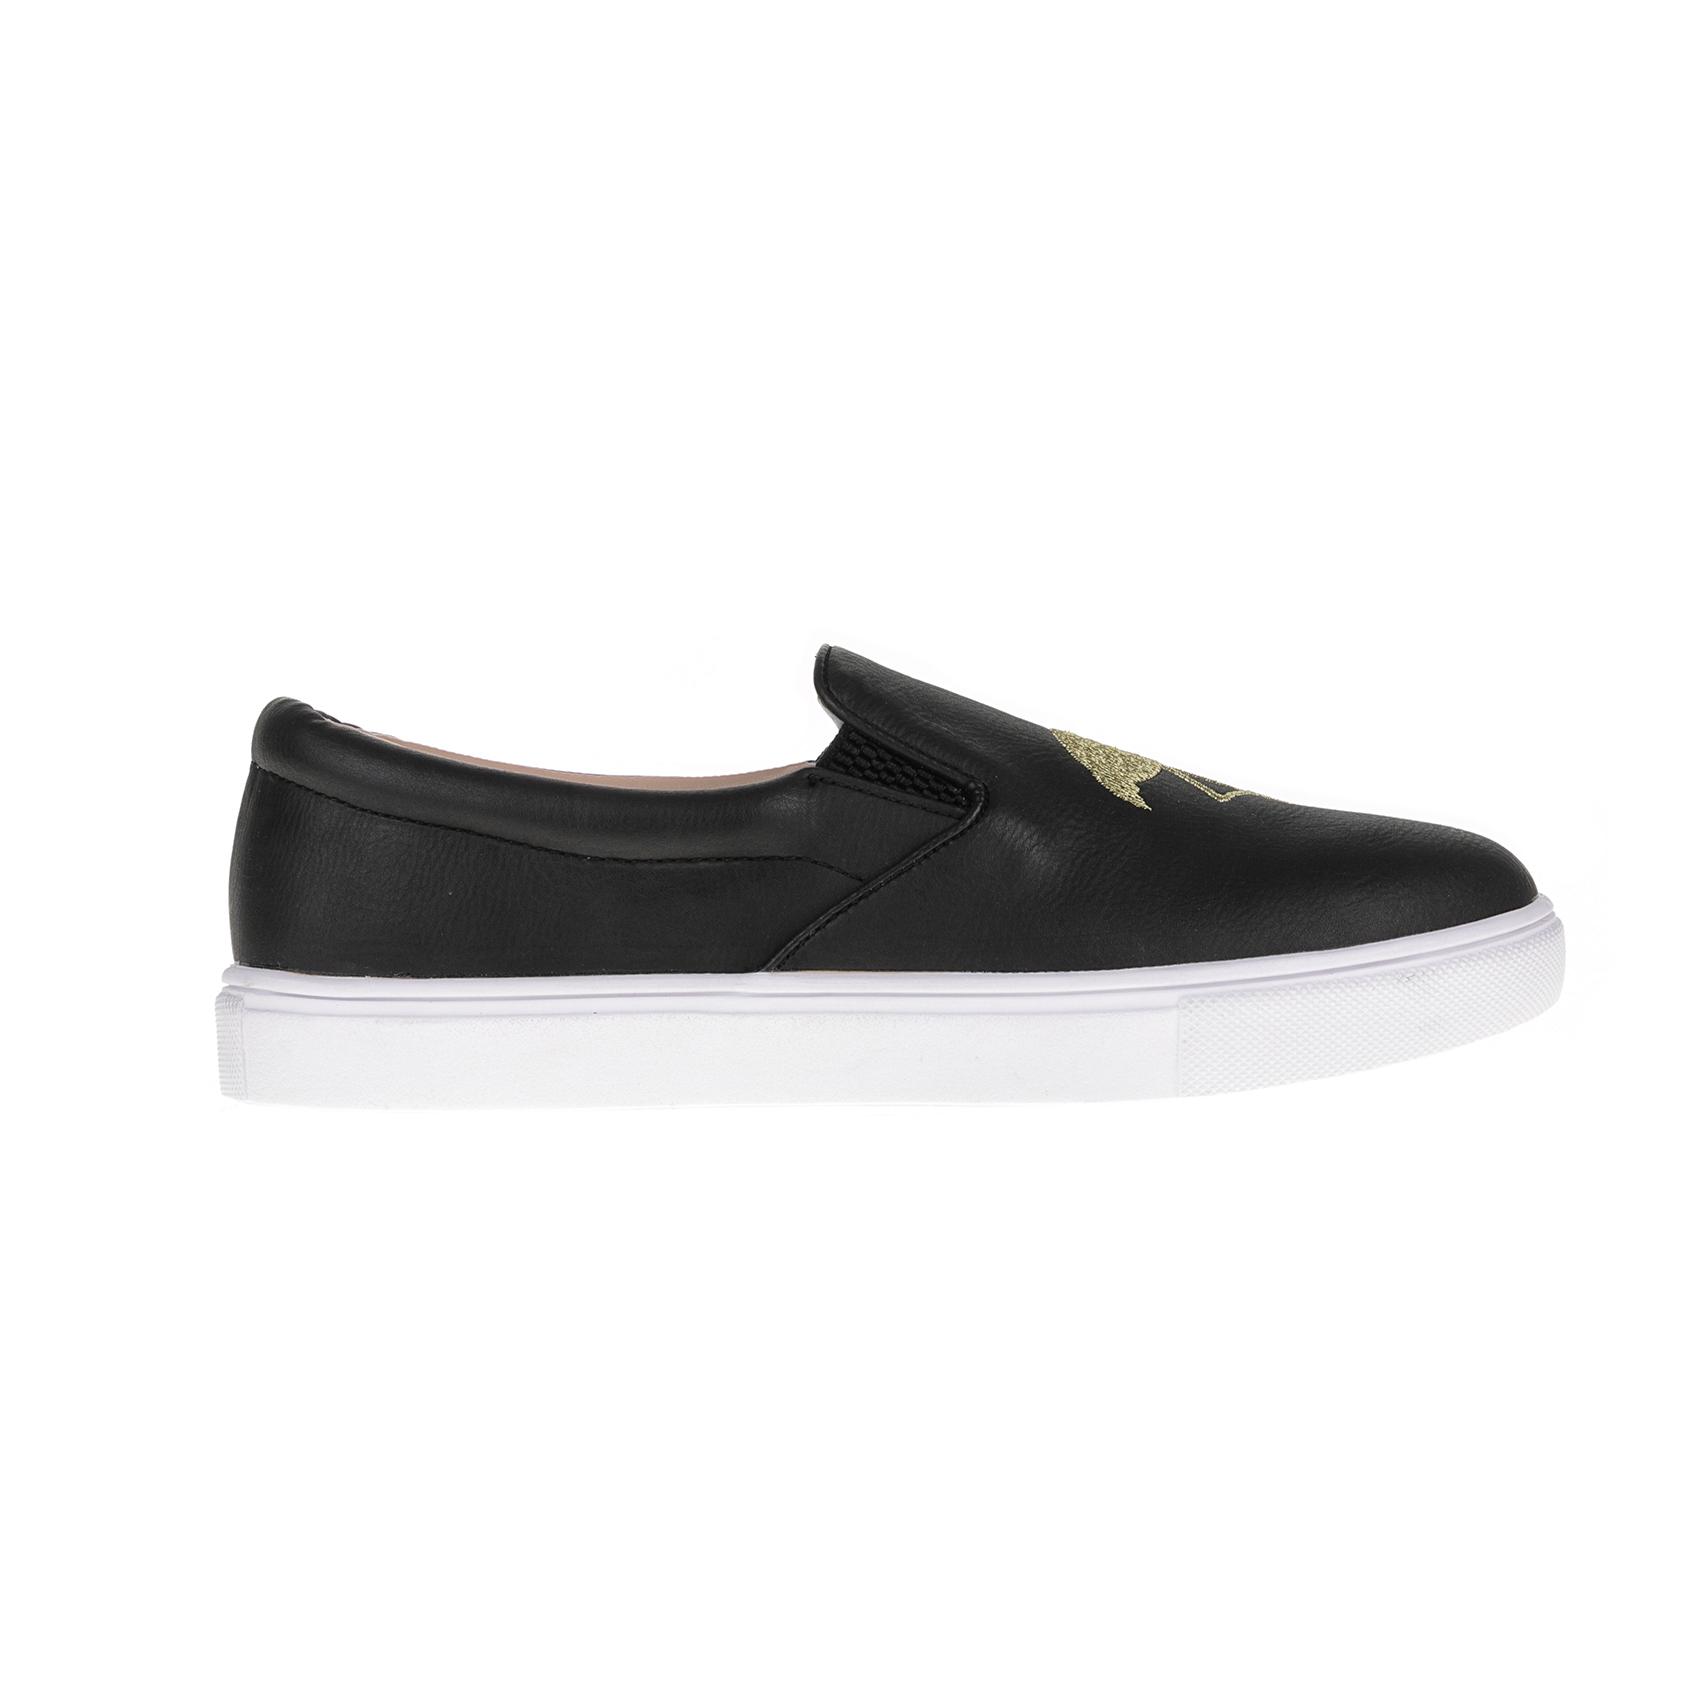 JUICY COUTURE - Γυναικεία παπούτσια JUICY COUTURE ELEAVE μαύρα γυναικεία παπούτσια μοκασίνια μπαλαρίνες μοκασίνια